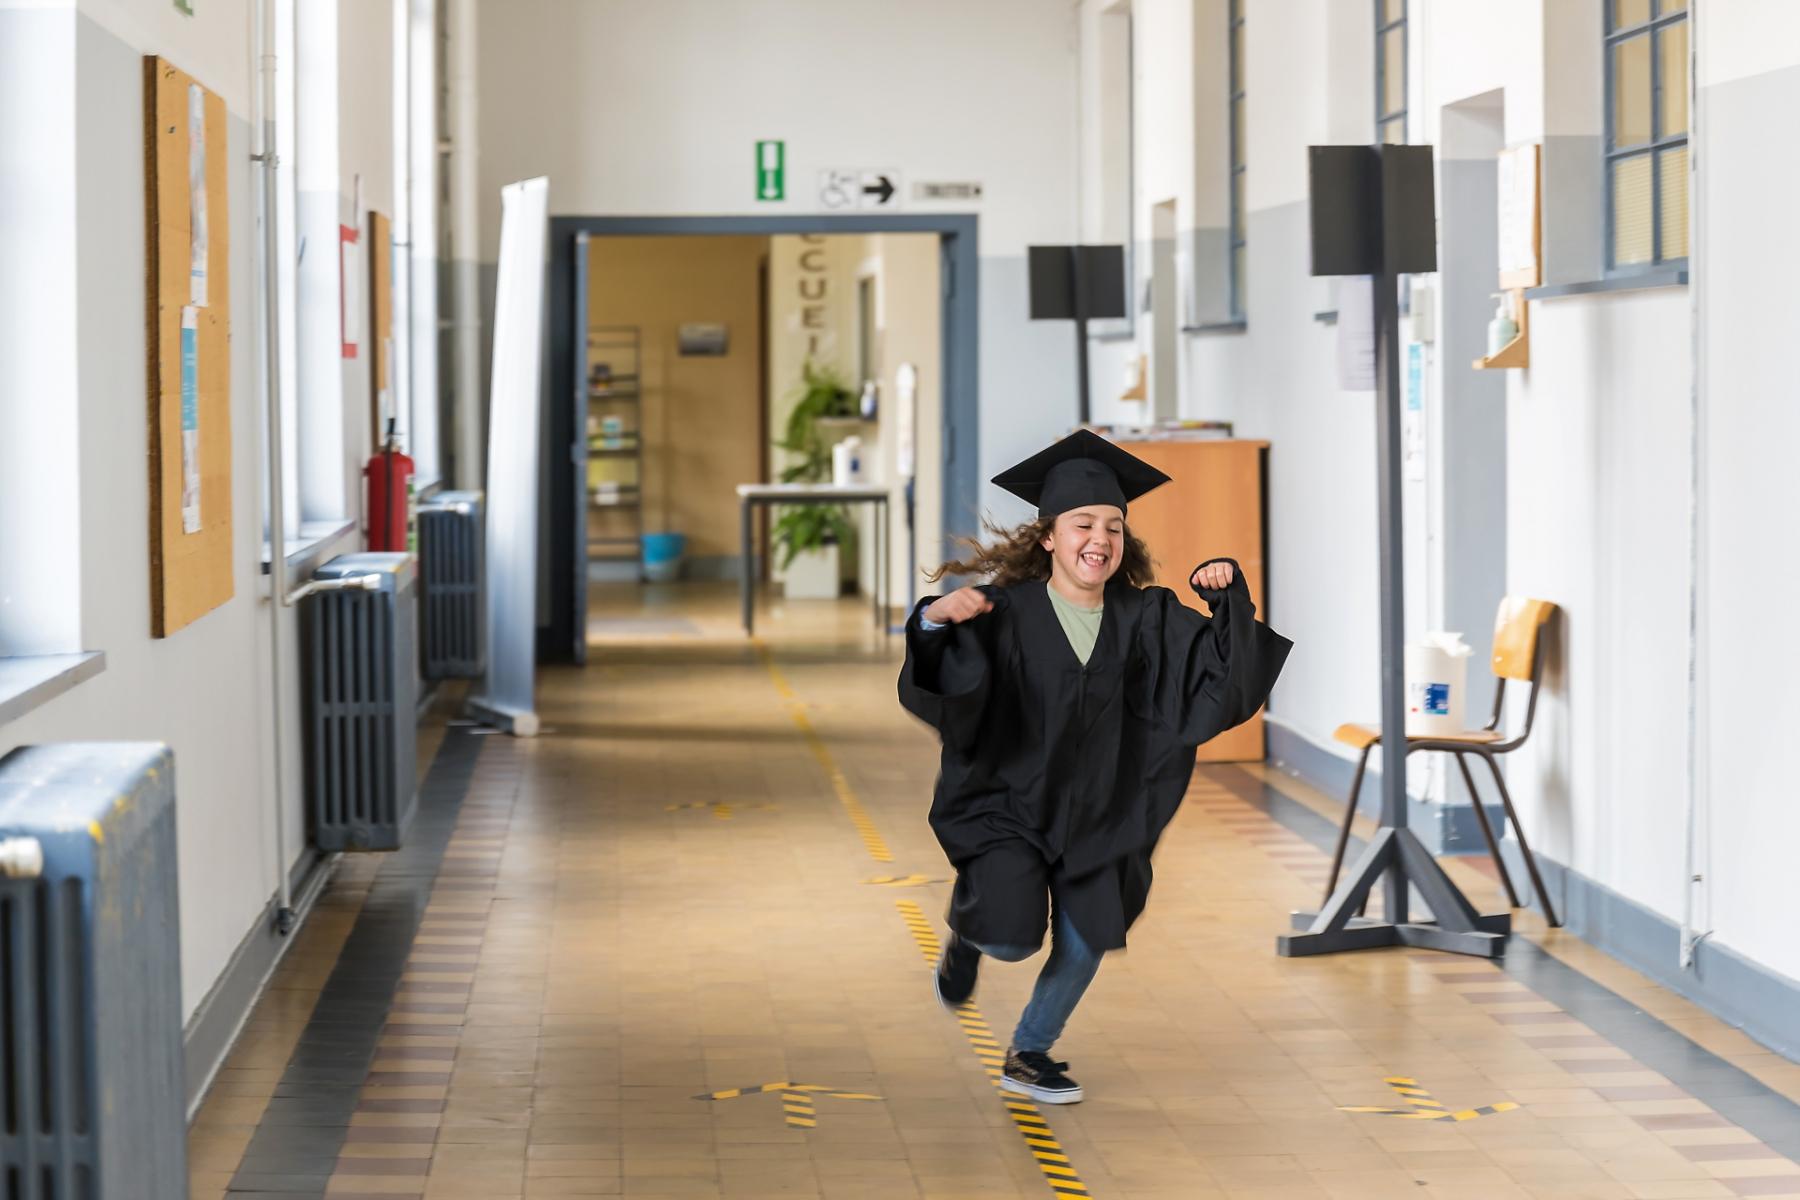 2021-05-12_Remise-de-diplome-22